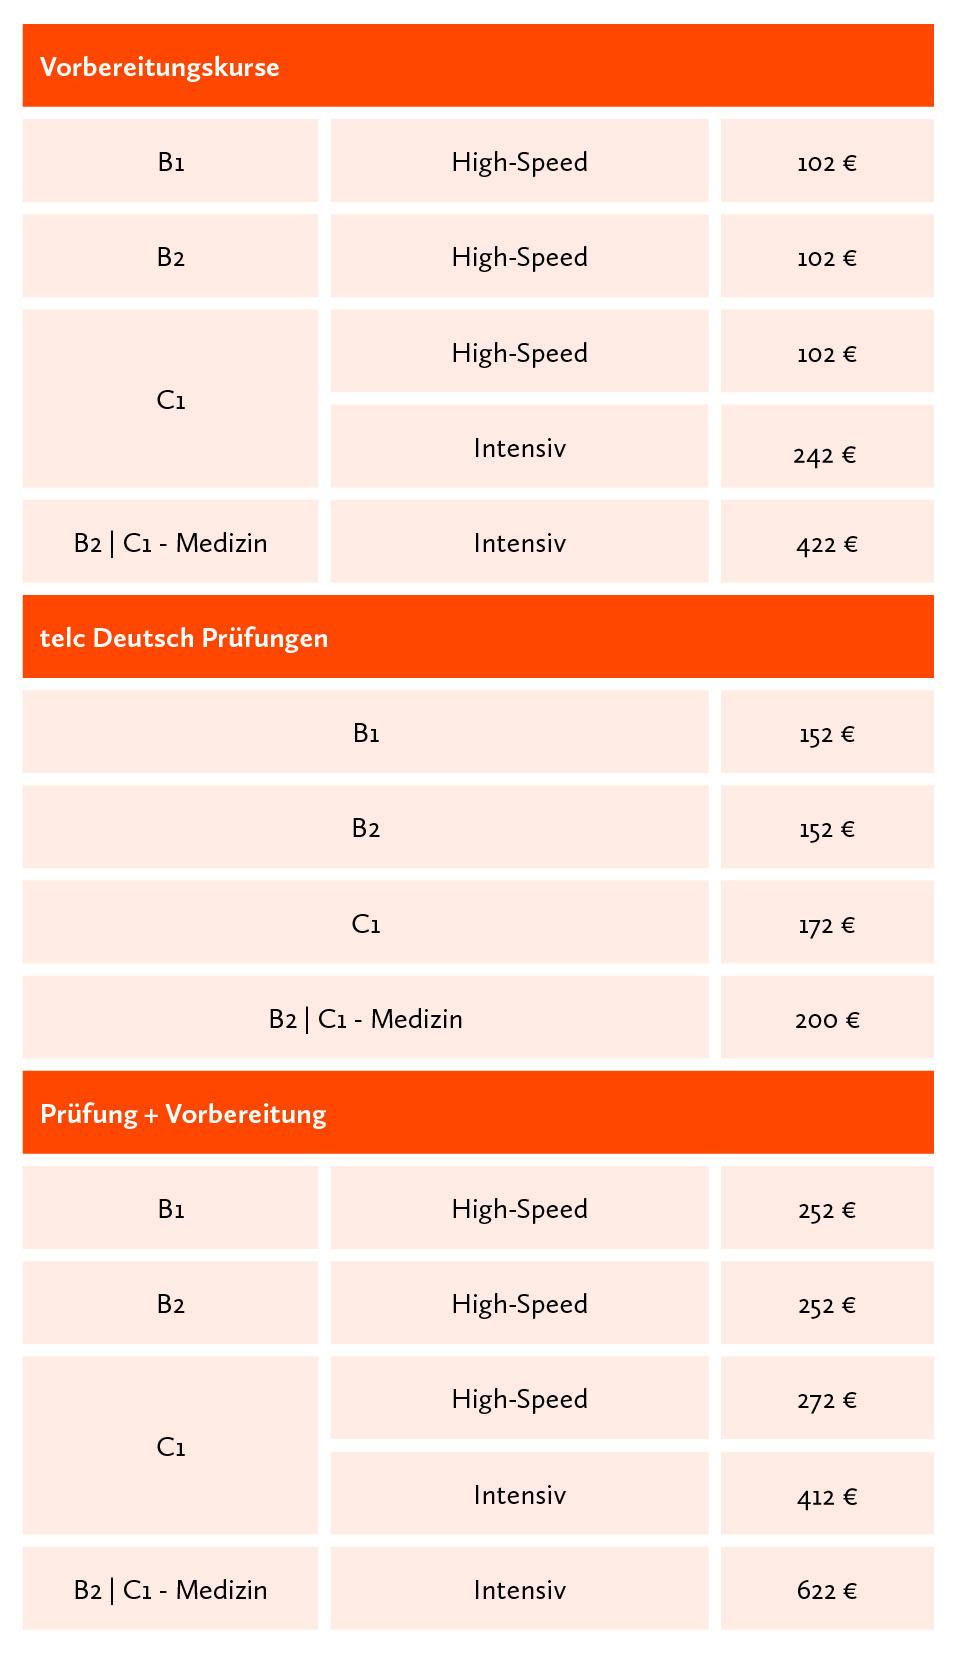 vorbereitung telc deutsch berlin prfung telc deutsch berlin - B1 Prufung Muster